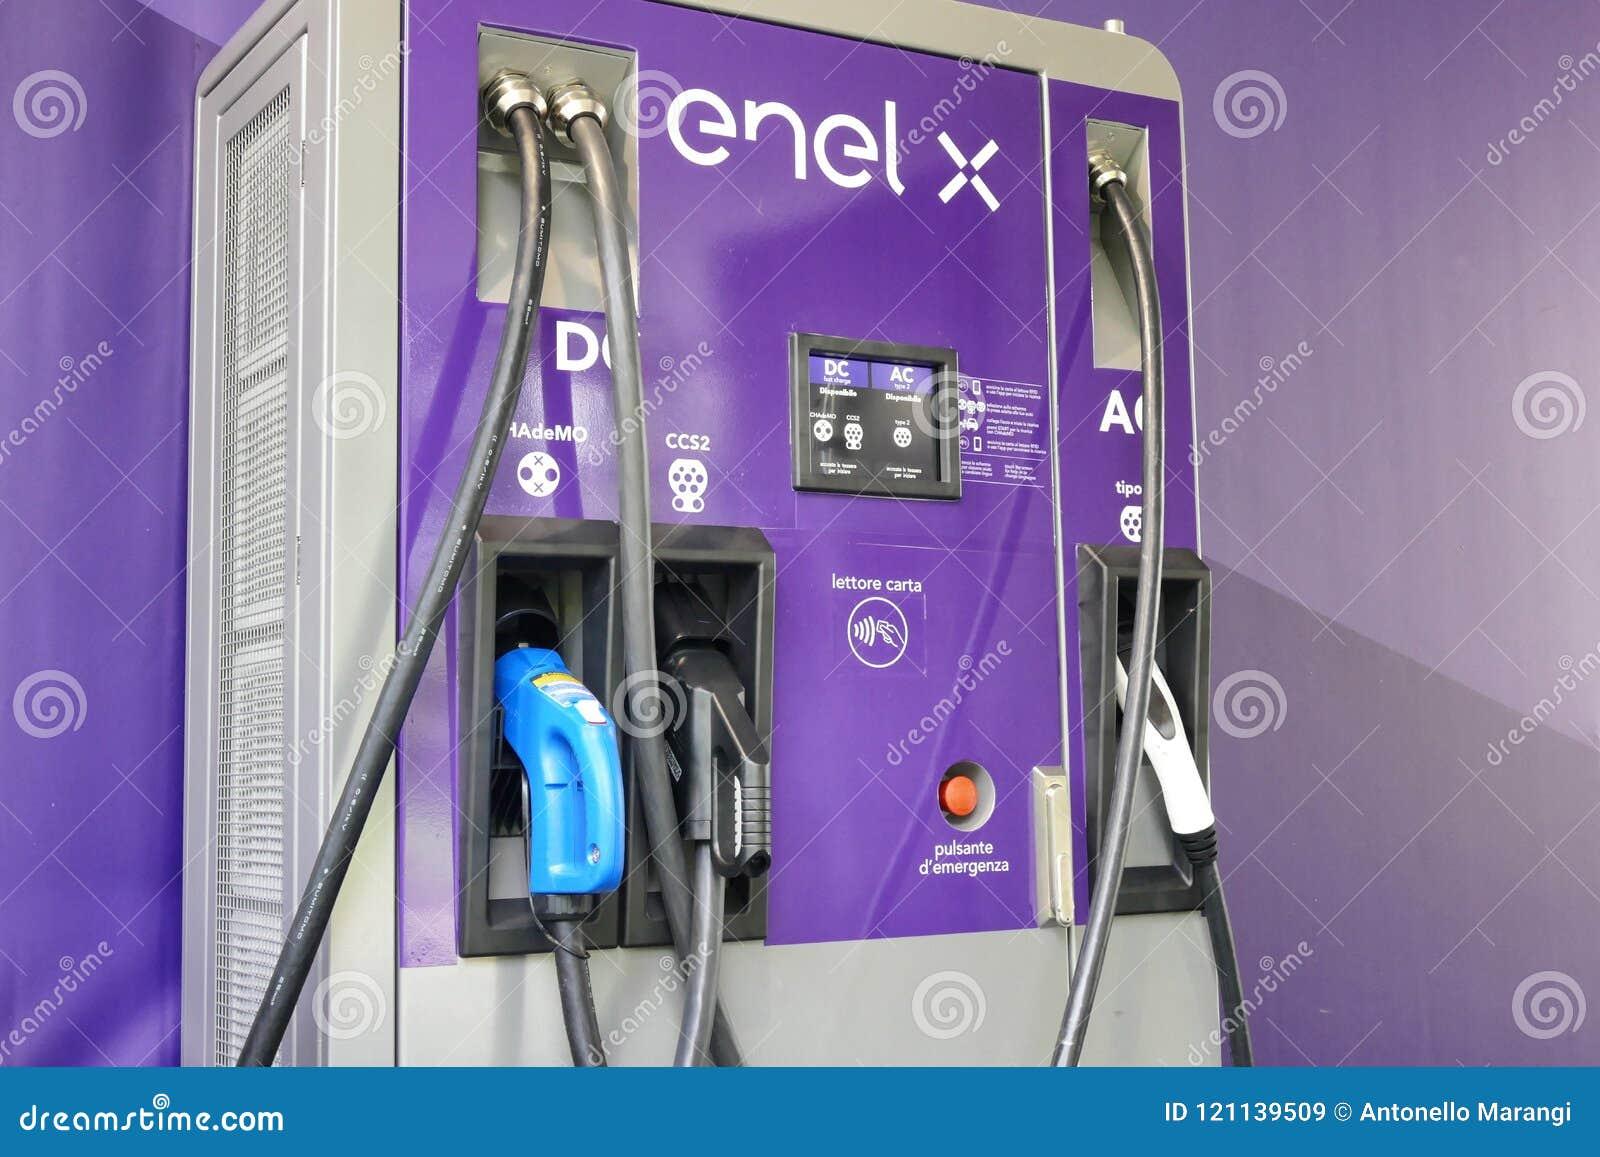 Mång- uppladdningsstation för Enel X offentligt med olik håligheter och överhet